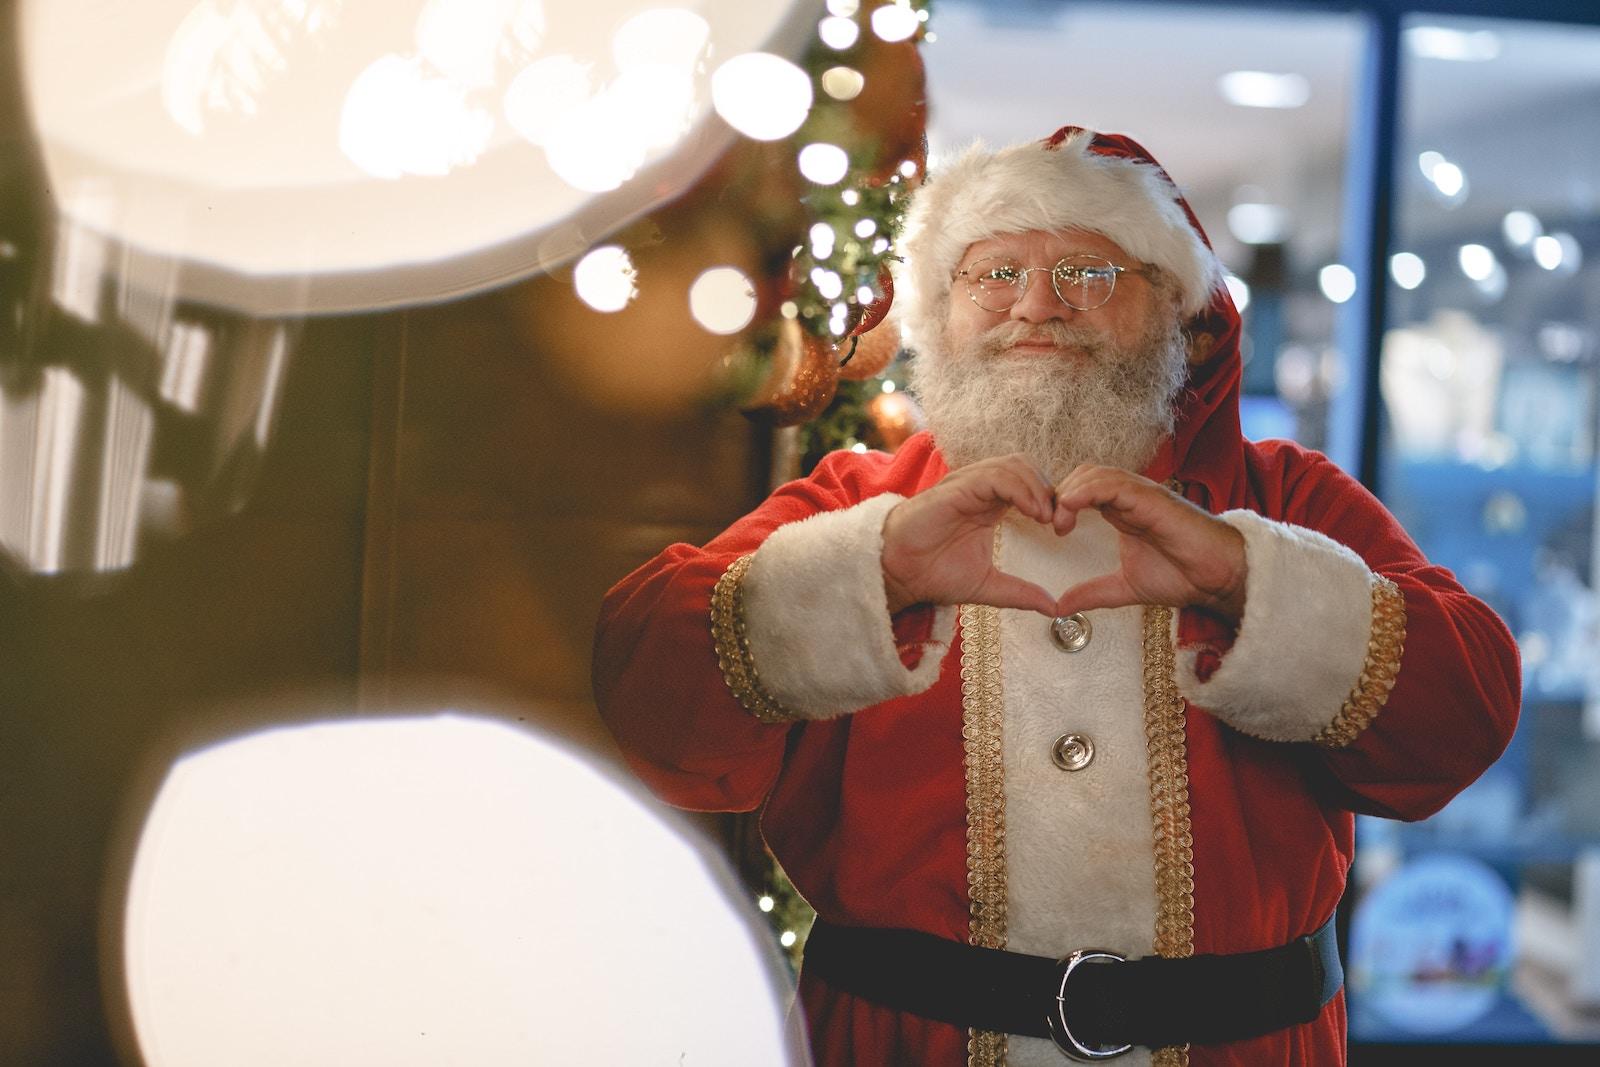 VPS SŠA dajuť zmogu usim ohočym vidstežyty ruh Santa-Klausa